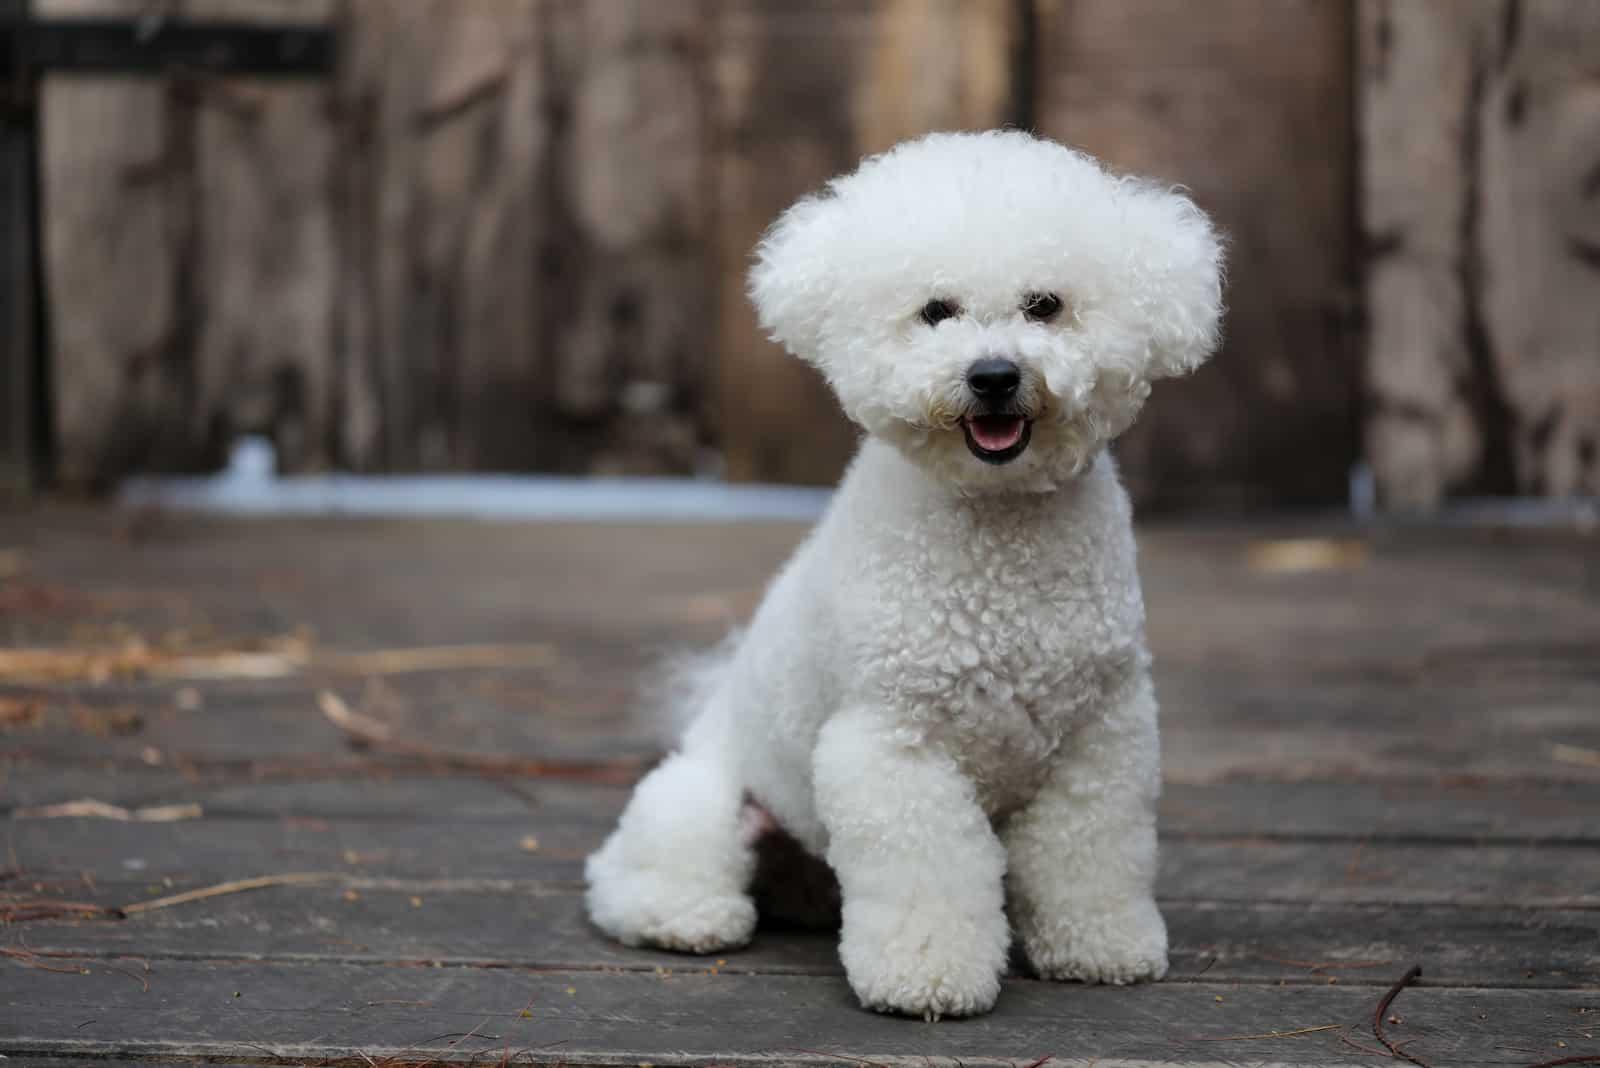 reinrassiger Bichon Frise Hund mit einem weißen flauschigen Fell